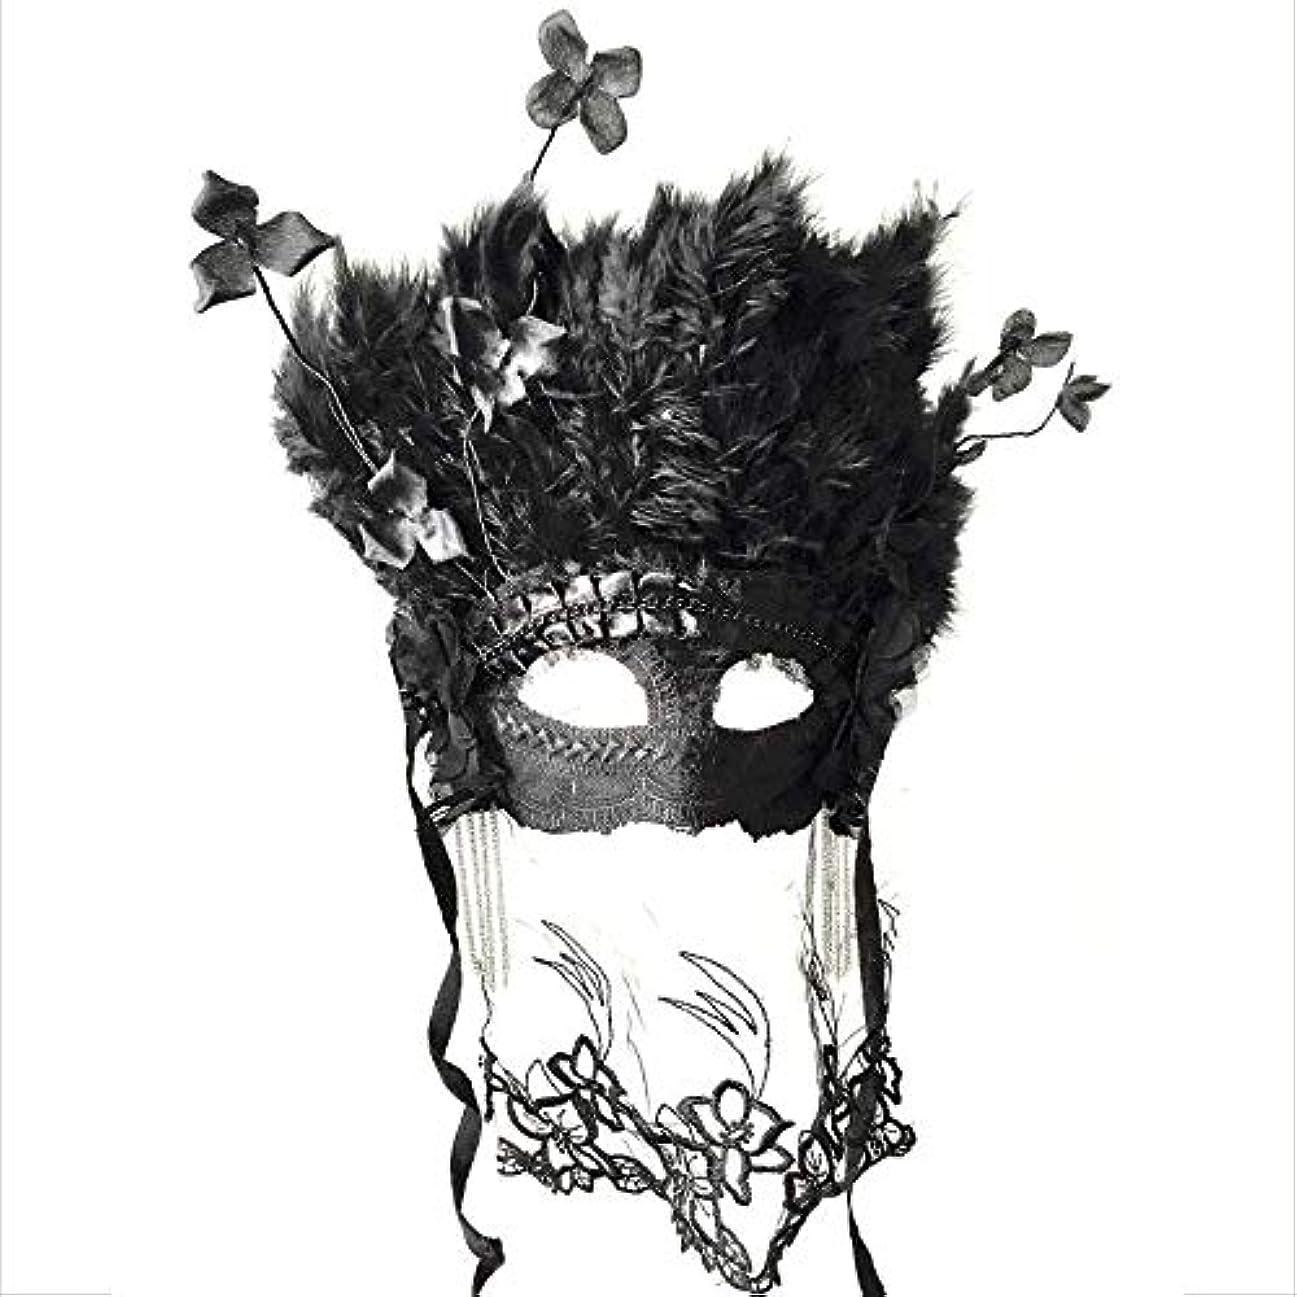 山待って裁量Nanle ハロウィンクリスマスベールドライフラワーフェザータッセルマスク仮装マスクレディミスプリンセス美容祭パーティーデコレーションマスク